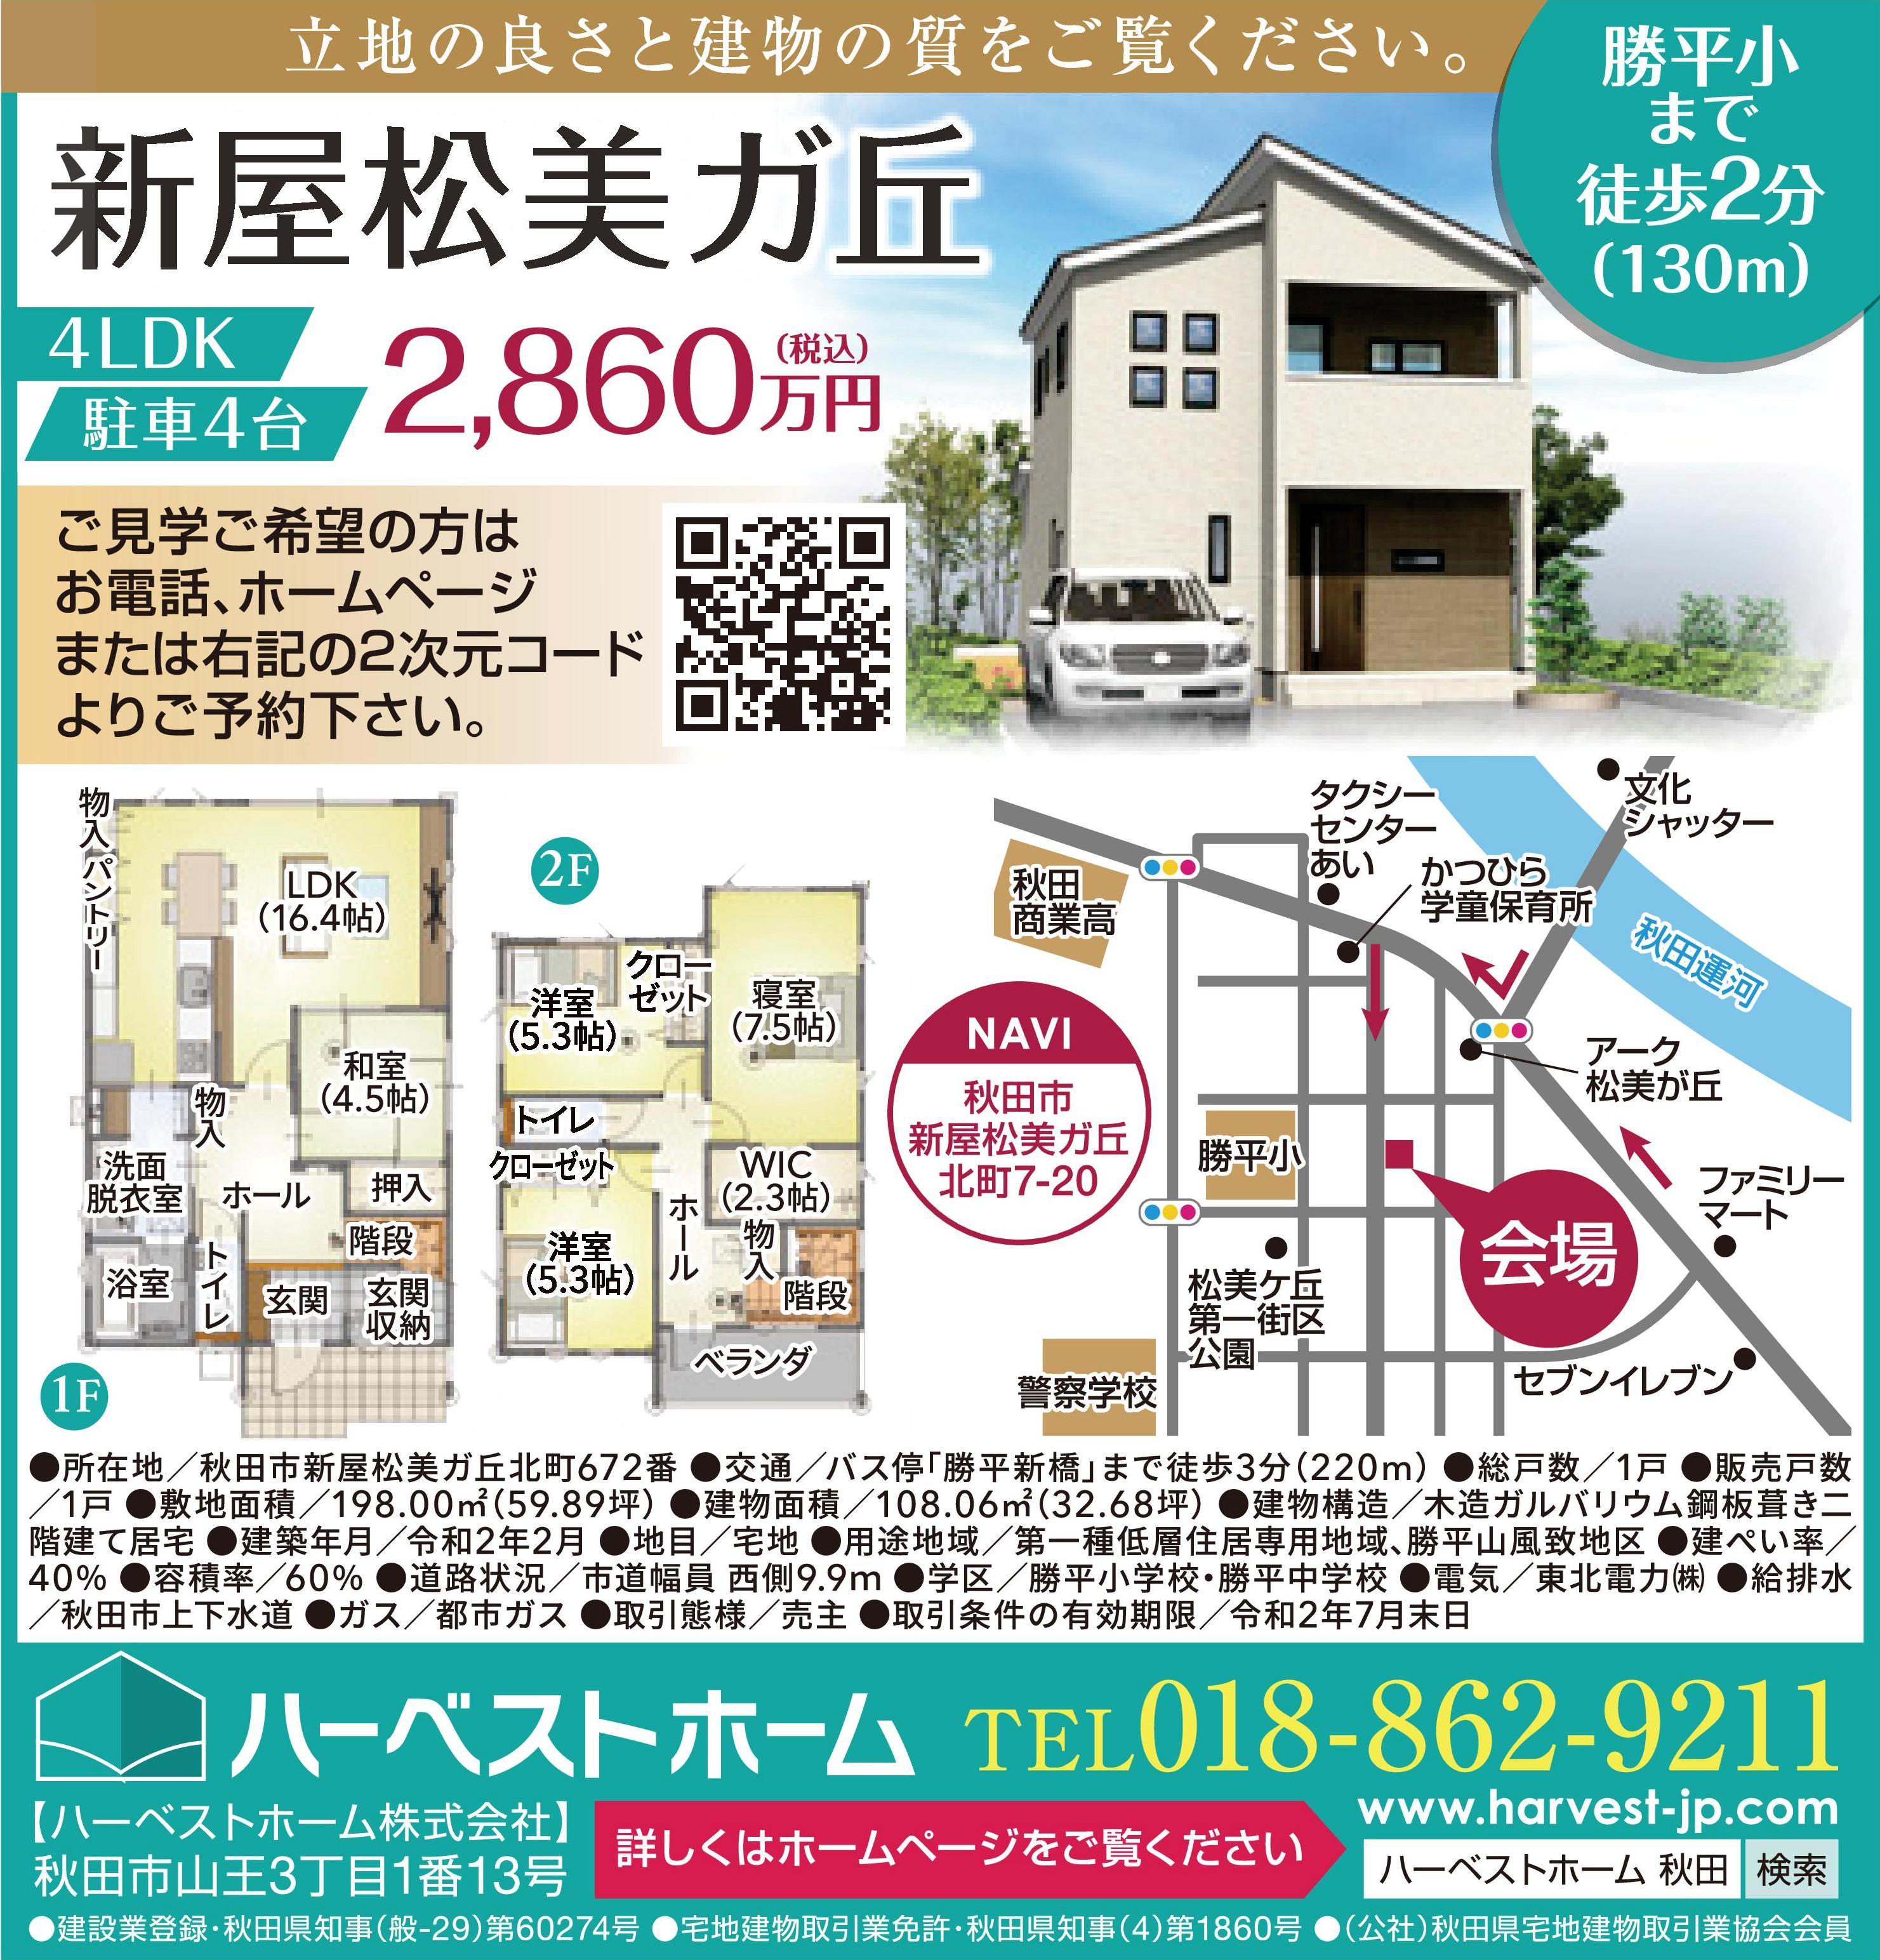 「新屋松美ガ丘」・・建売住宅 内覧販売会